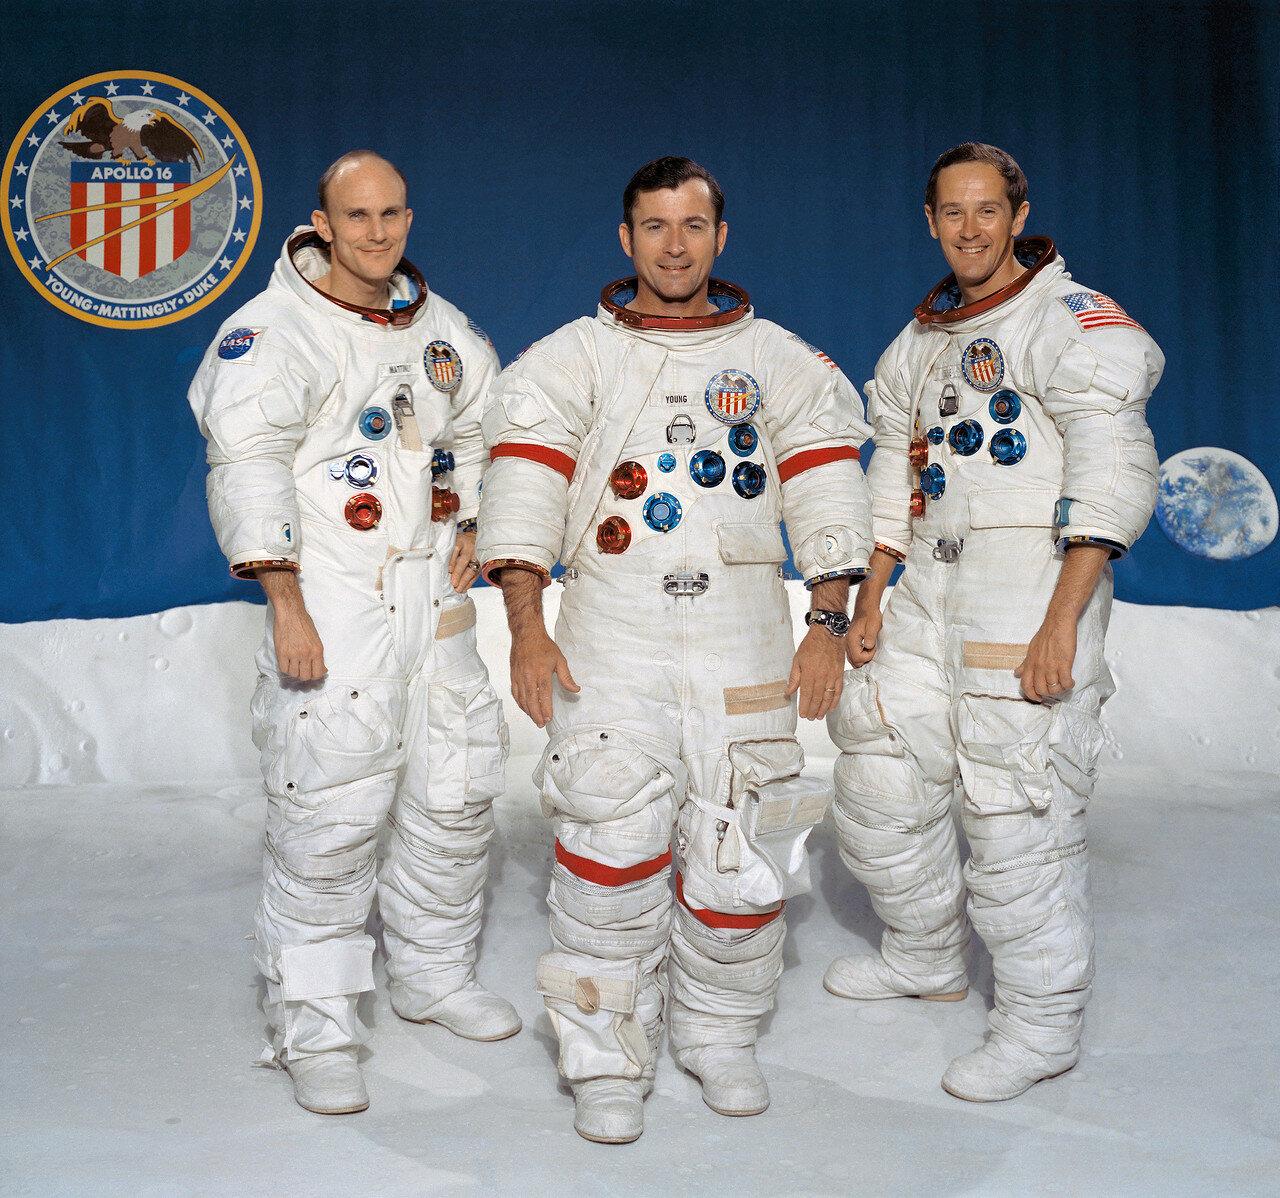 «Аполлон-16»  — десятый пилотируемый полёт в рамках программы «Аполлон», состоявшийся 16—27 апреля 1972 года. На снимке: Томас К. Маттингли II, пилот командного модуля, Джон У. Янг, командир, и Чарльз М. Дюк-мл, пилот лунного модуля